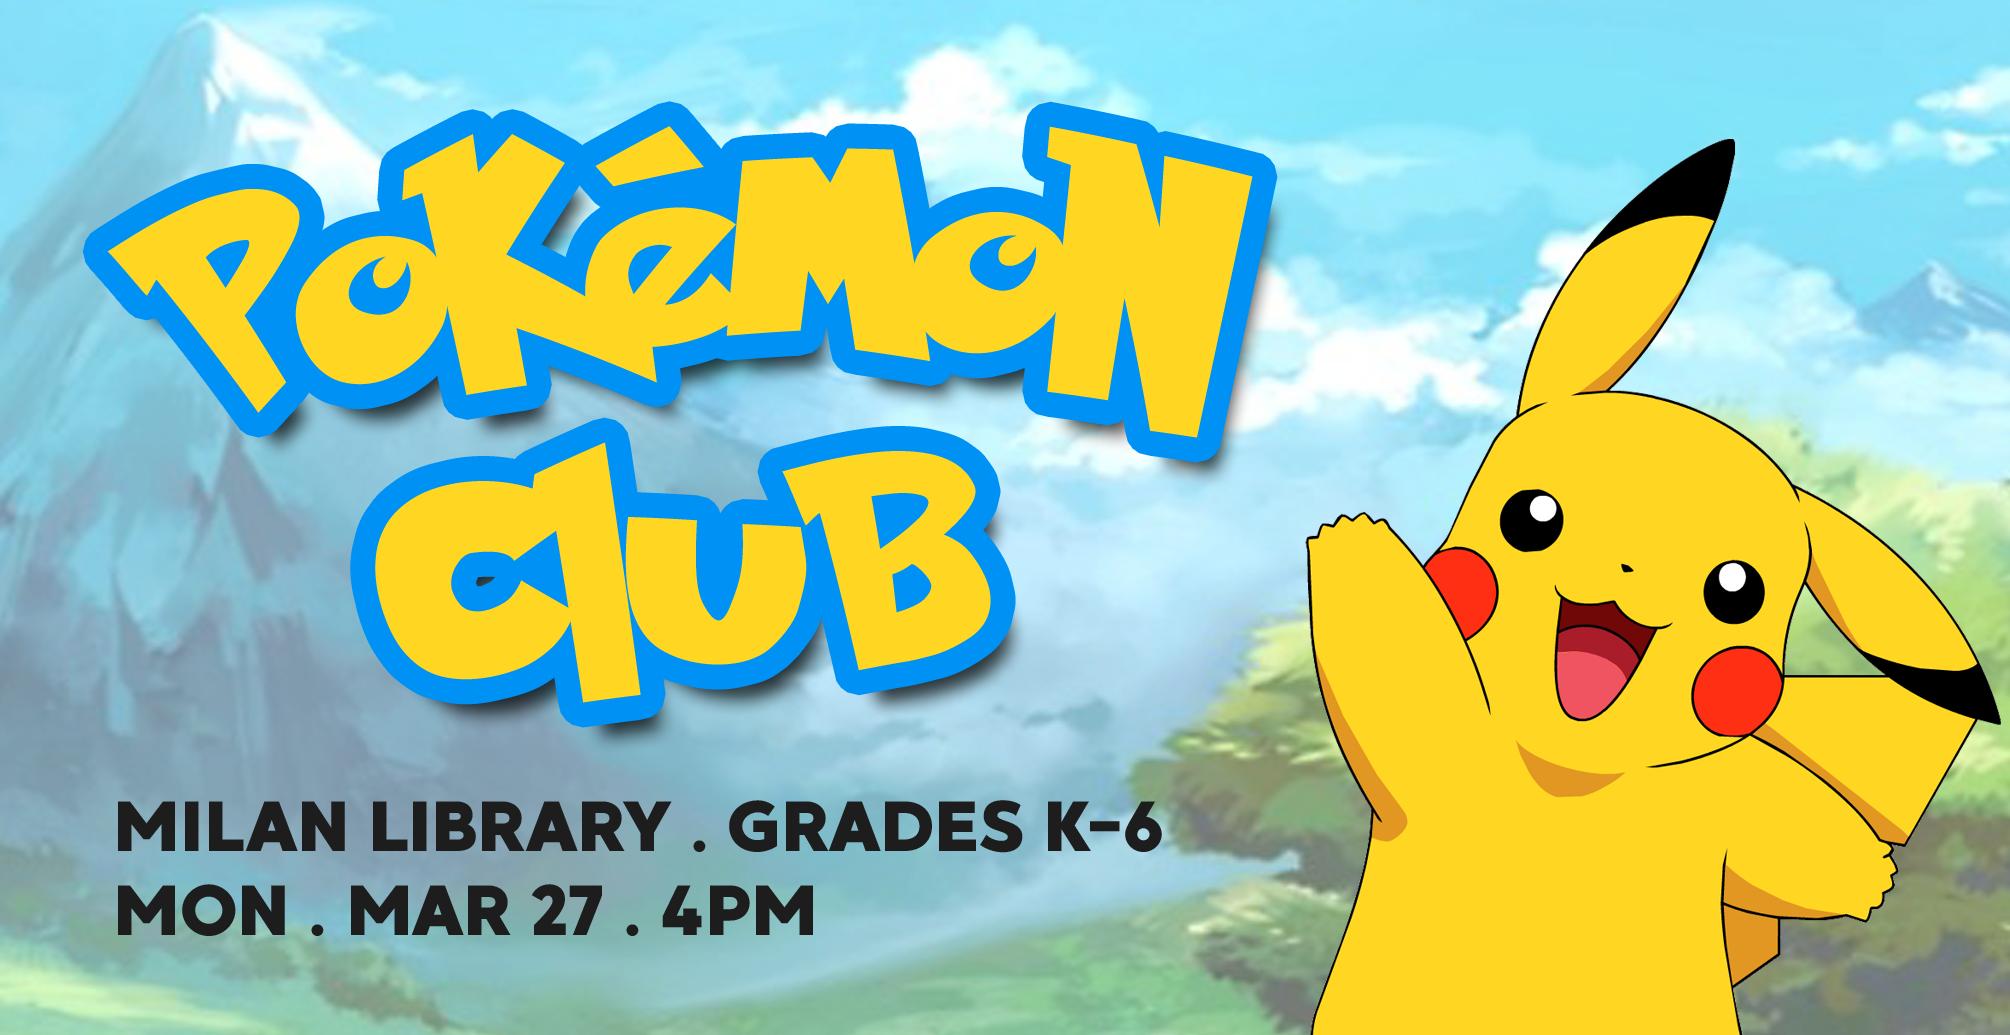 2019-03-CHILDRENS-Milan-Pokemon-Slide